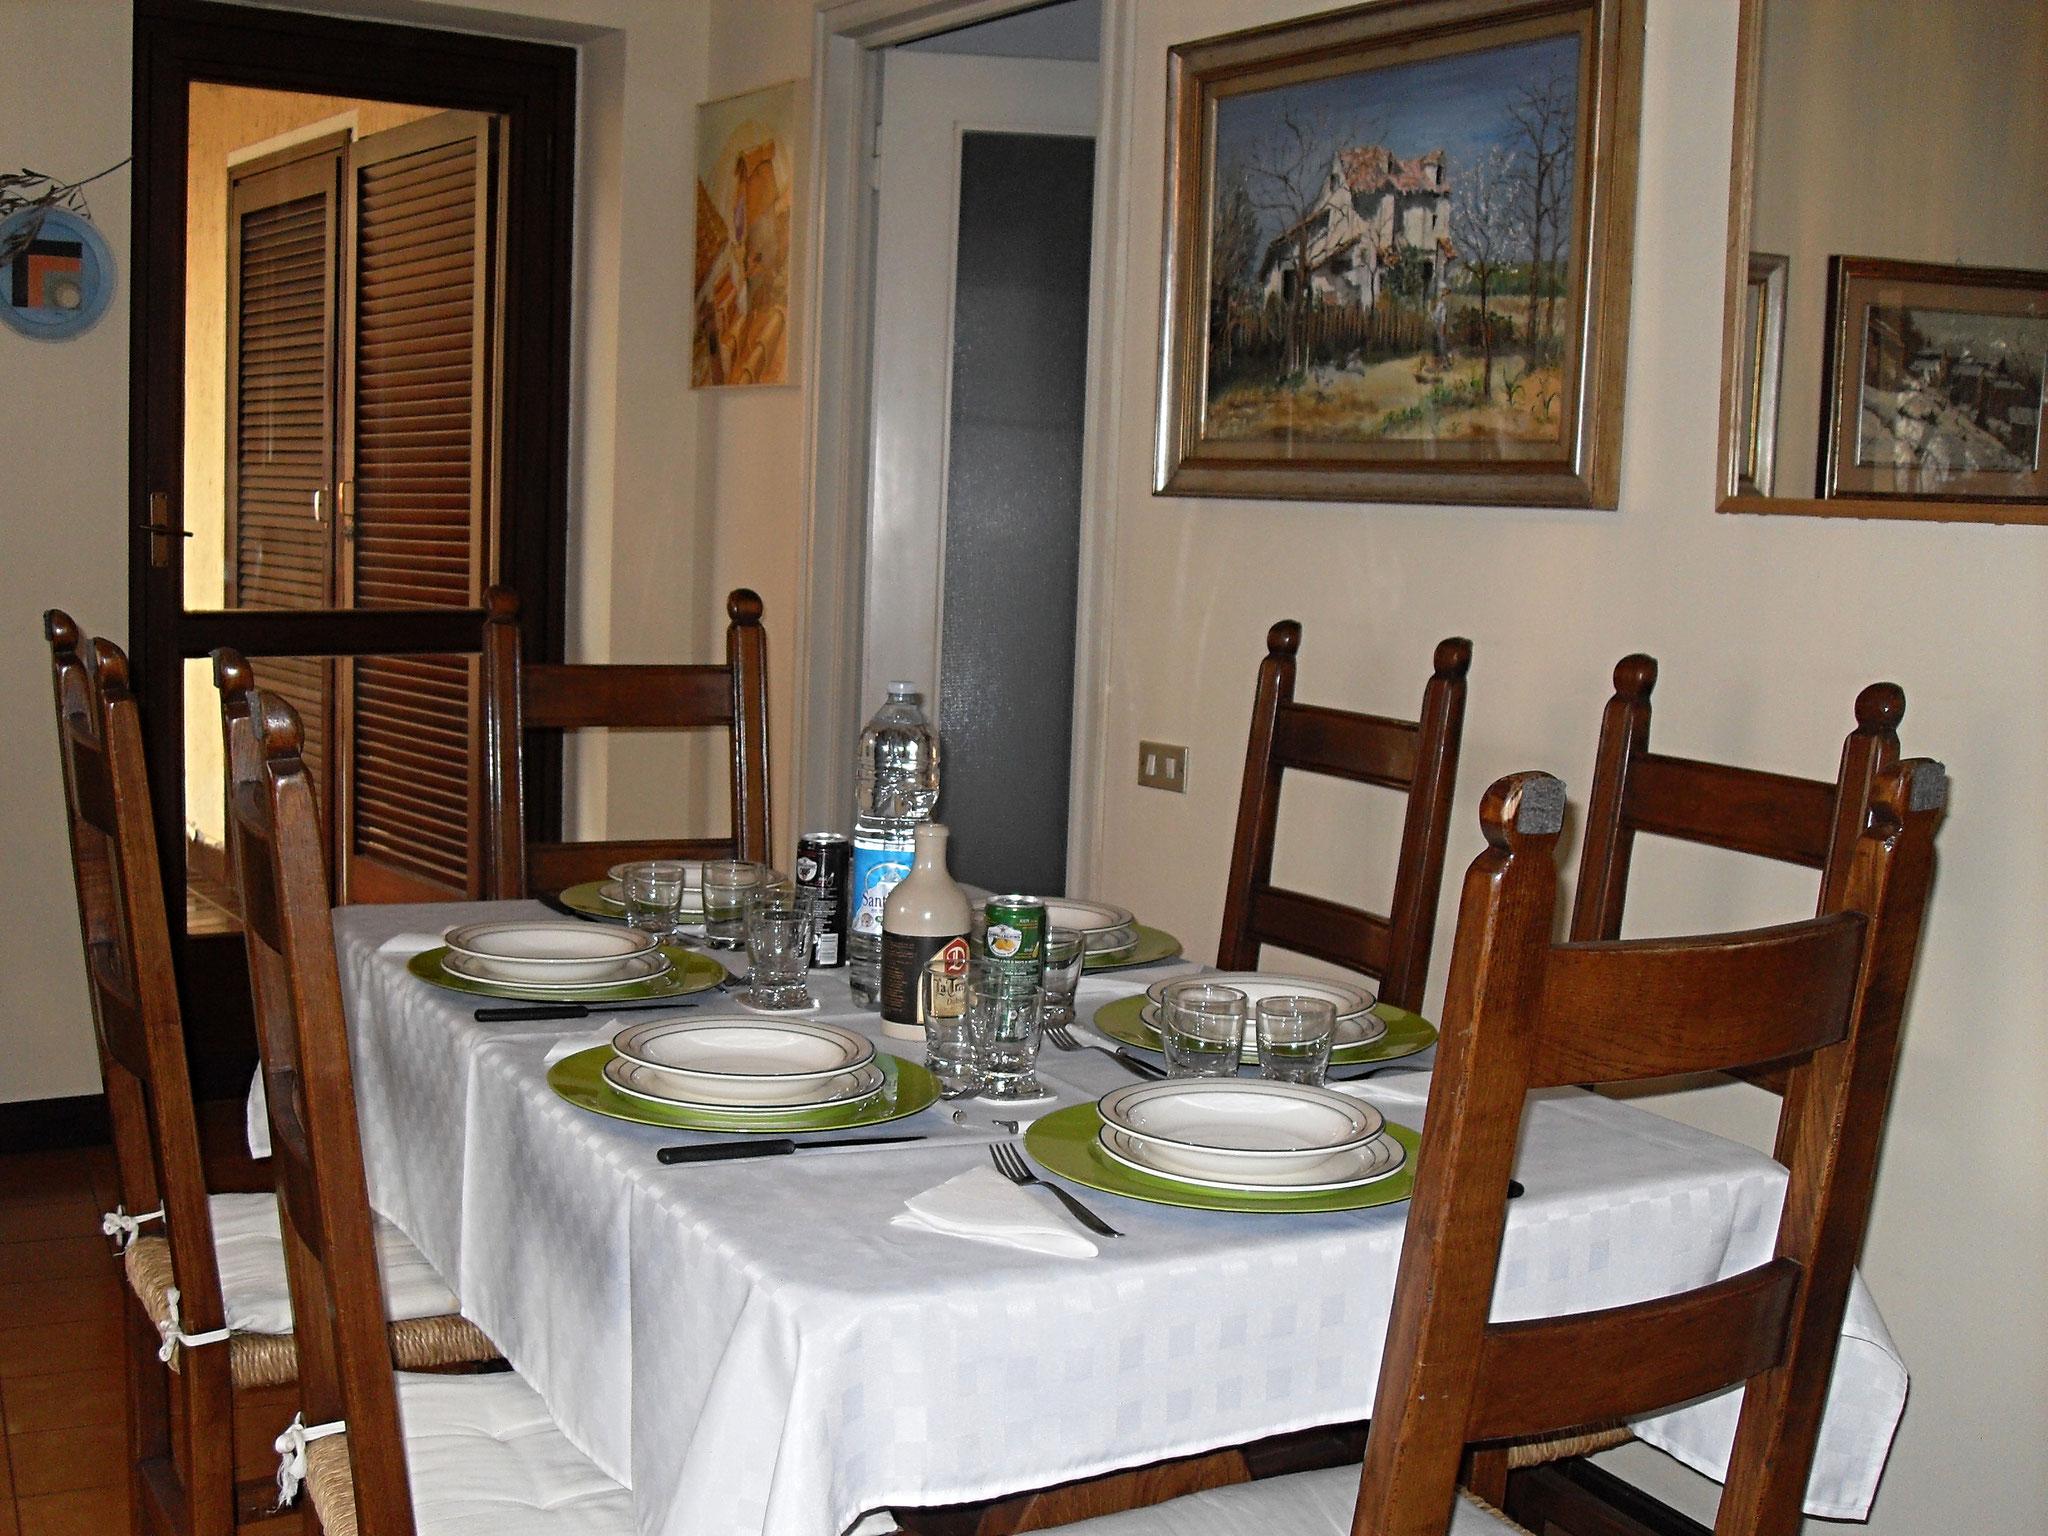 Tavolo da pranzo per 6 persone .  Sullo sfondo la portafinestra della terrazza e sulla dx la cucina